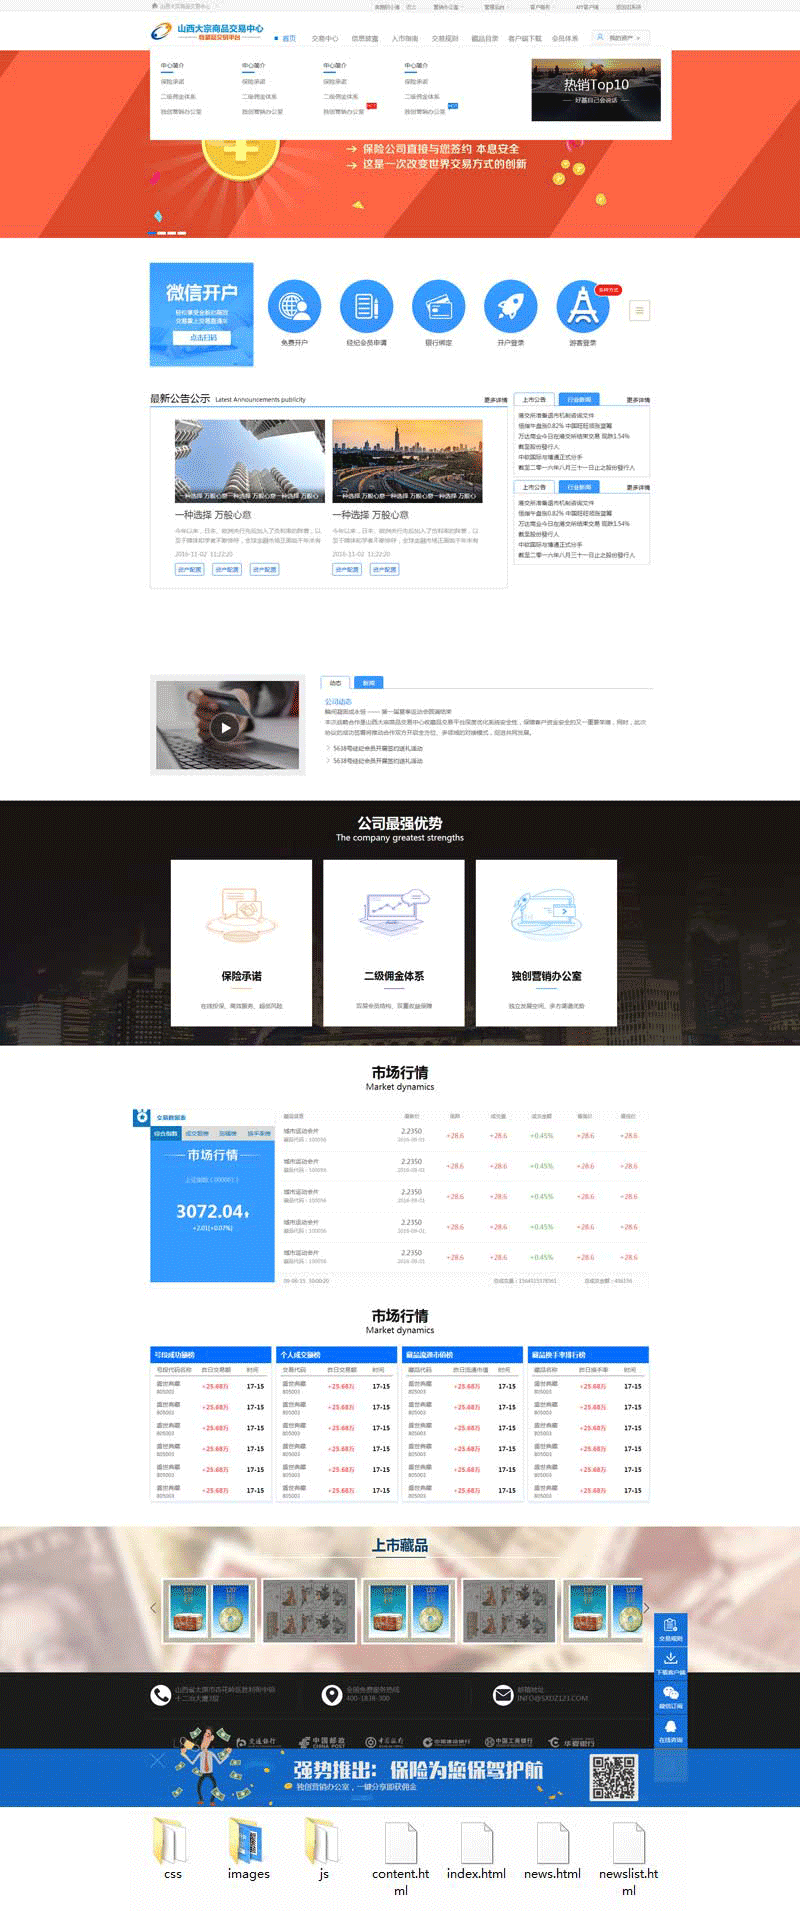 大宗商品期货金融投资公司网站模板